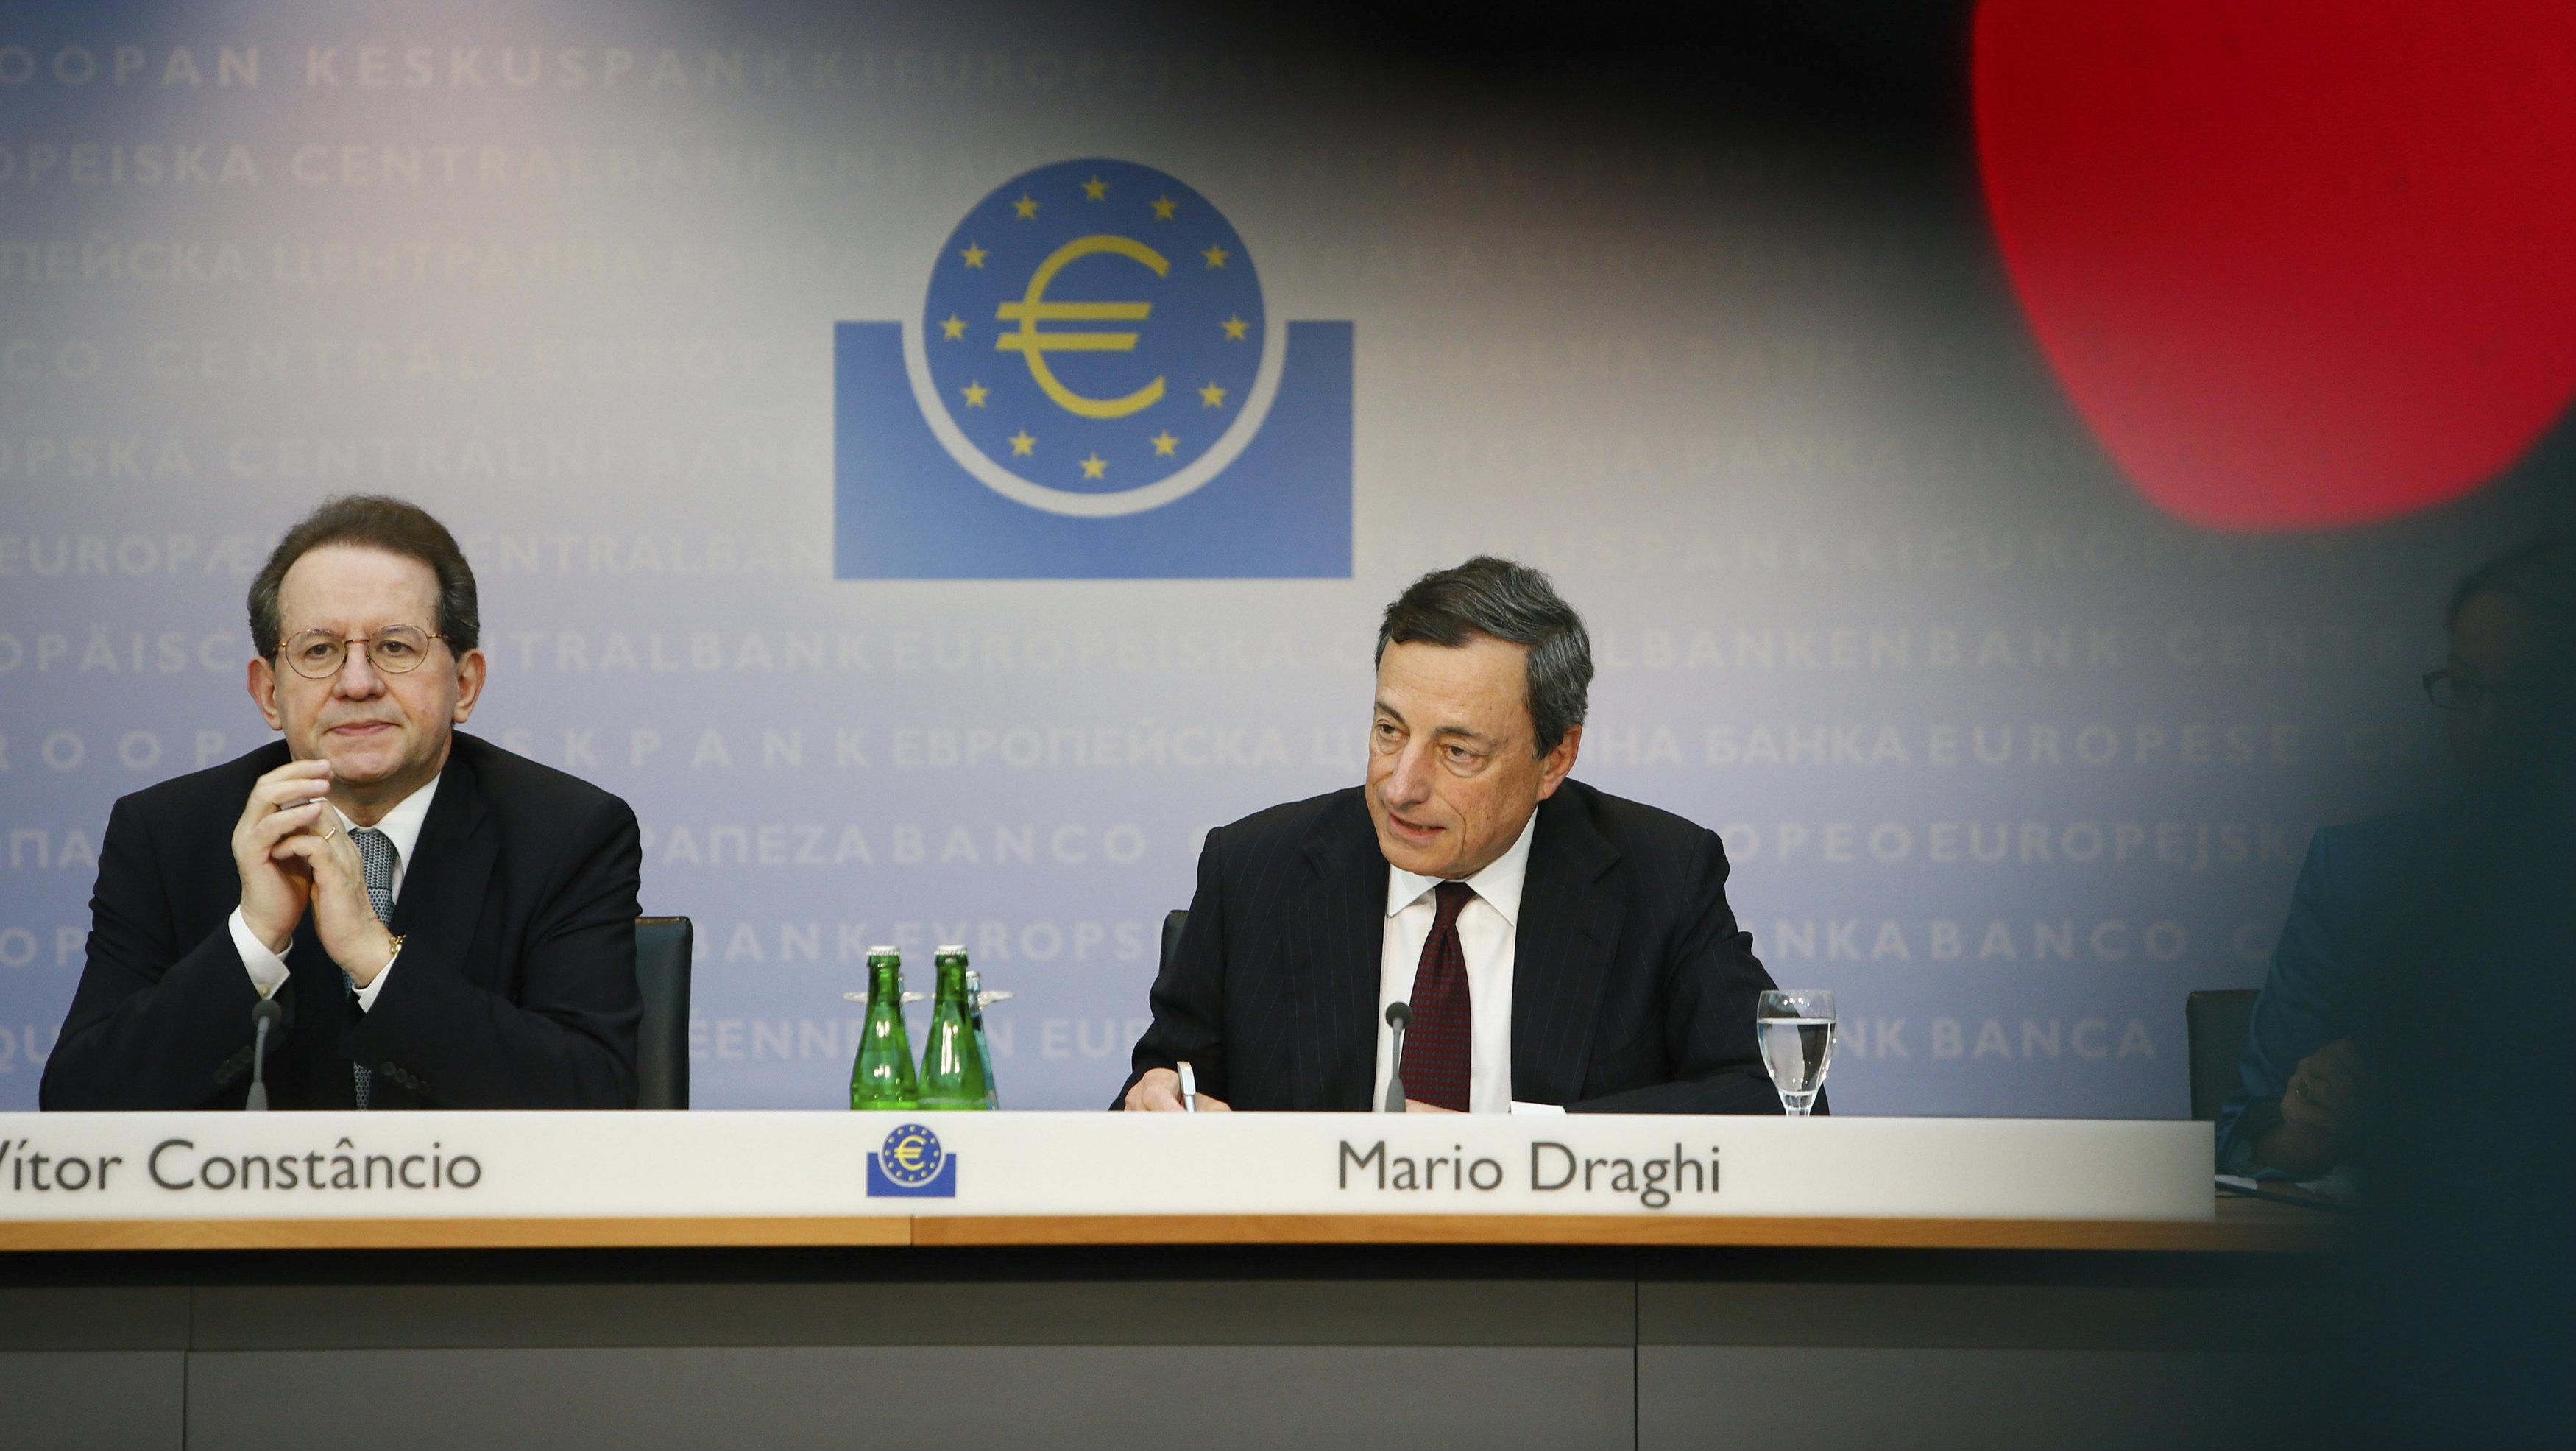 European Central Bank (ECB) President Mario Draghi (R) and Vice President Vitor Constancio